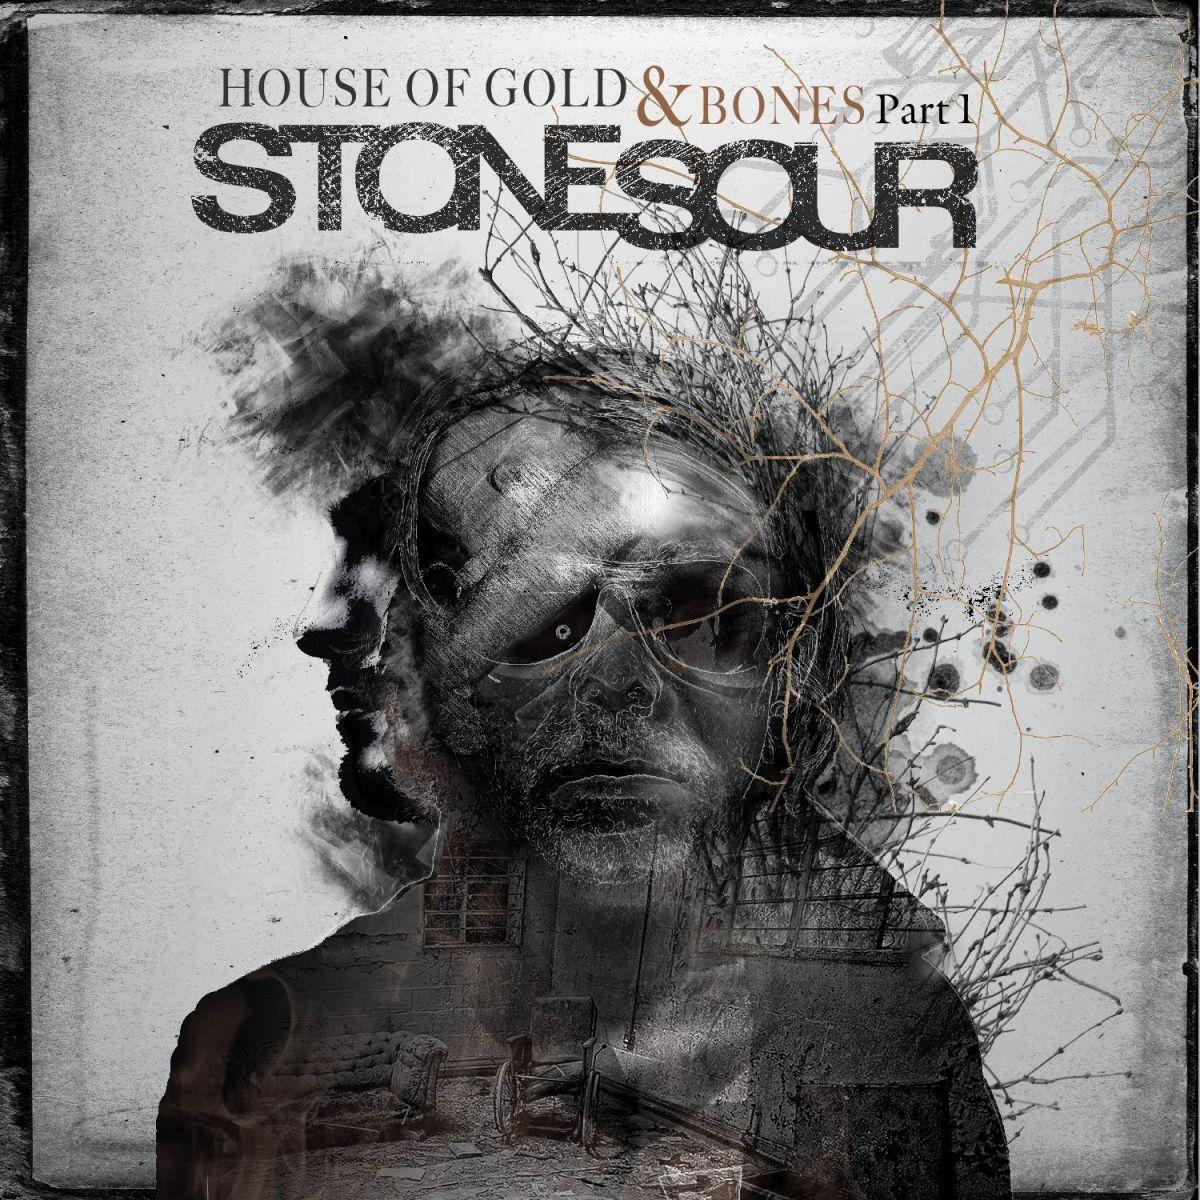 Stone Sour HOUSE OF GOLD & BONES PART 1 - Album des Monats in METAL HAMMER 11/2012